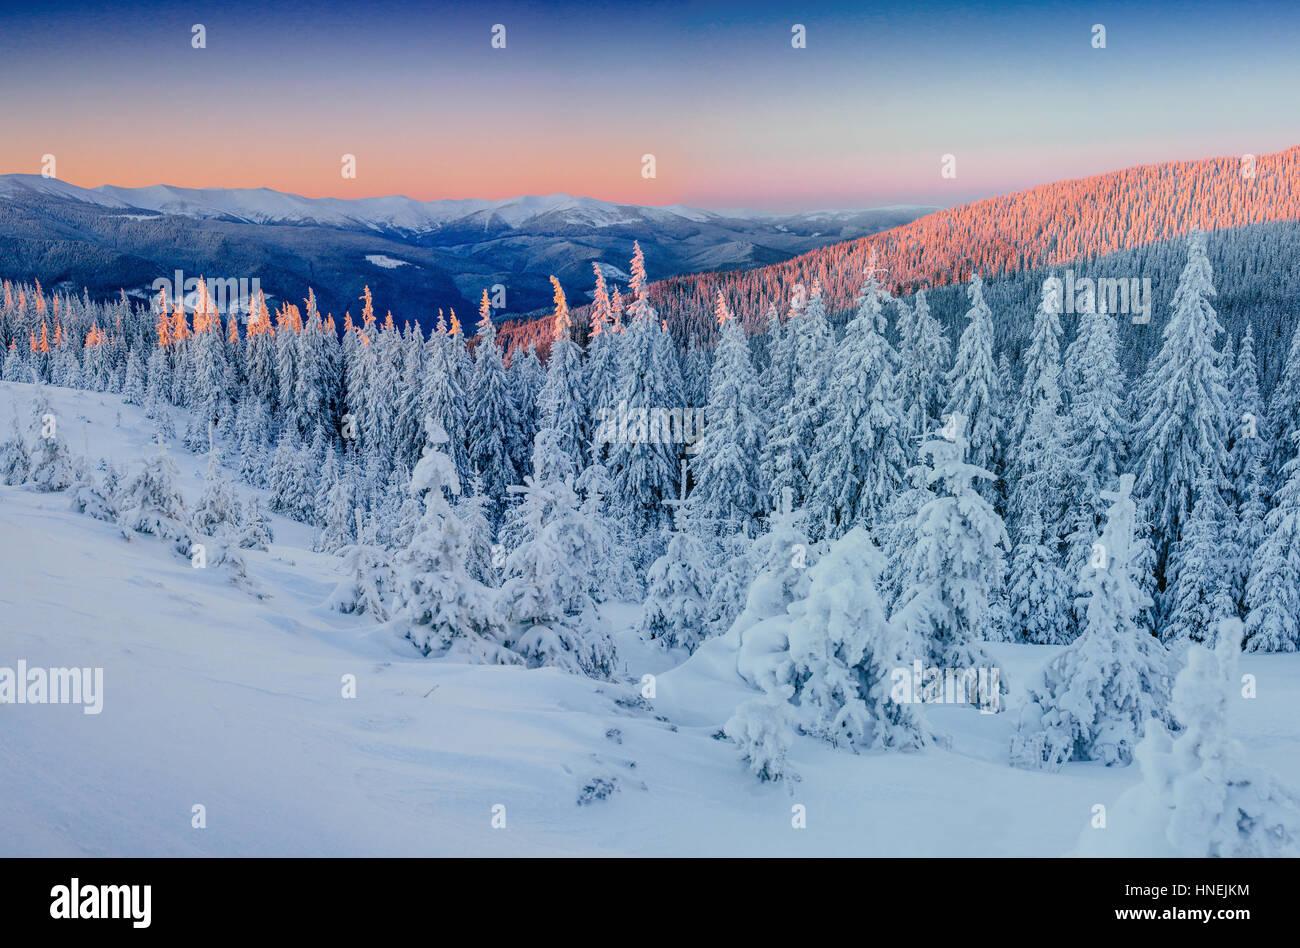 Traumhafte Winterlandschaft in den Bergen. Sonnenuntergang in einem Stockbild